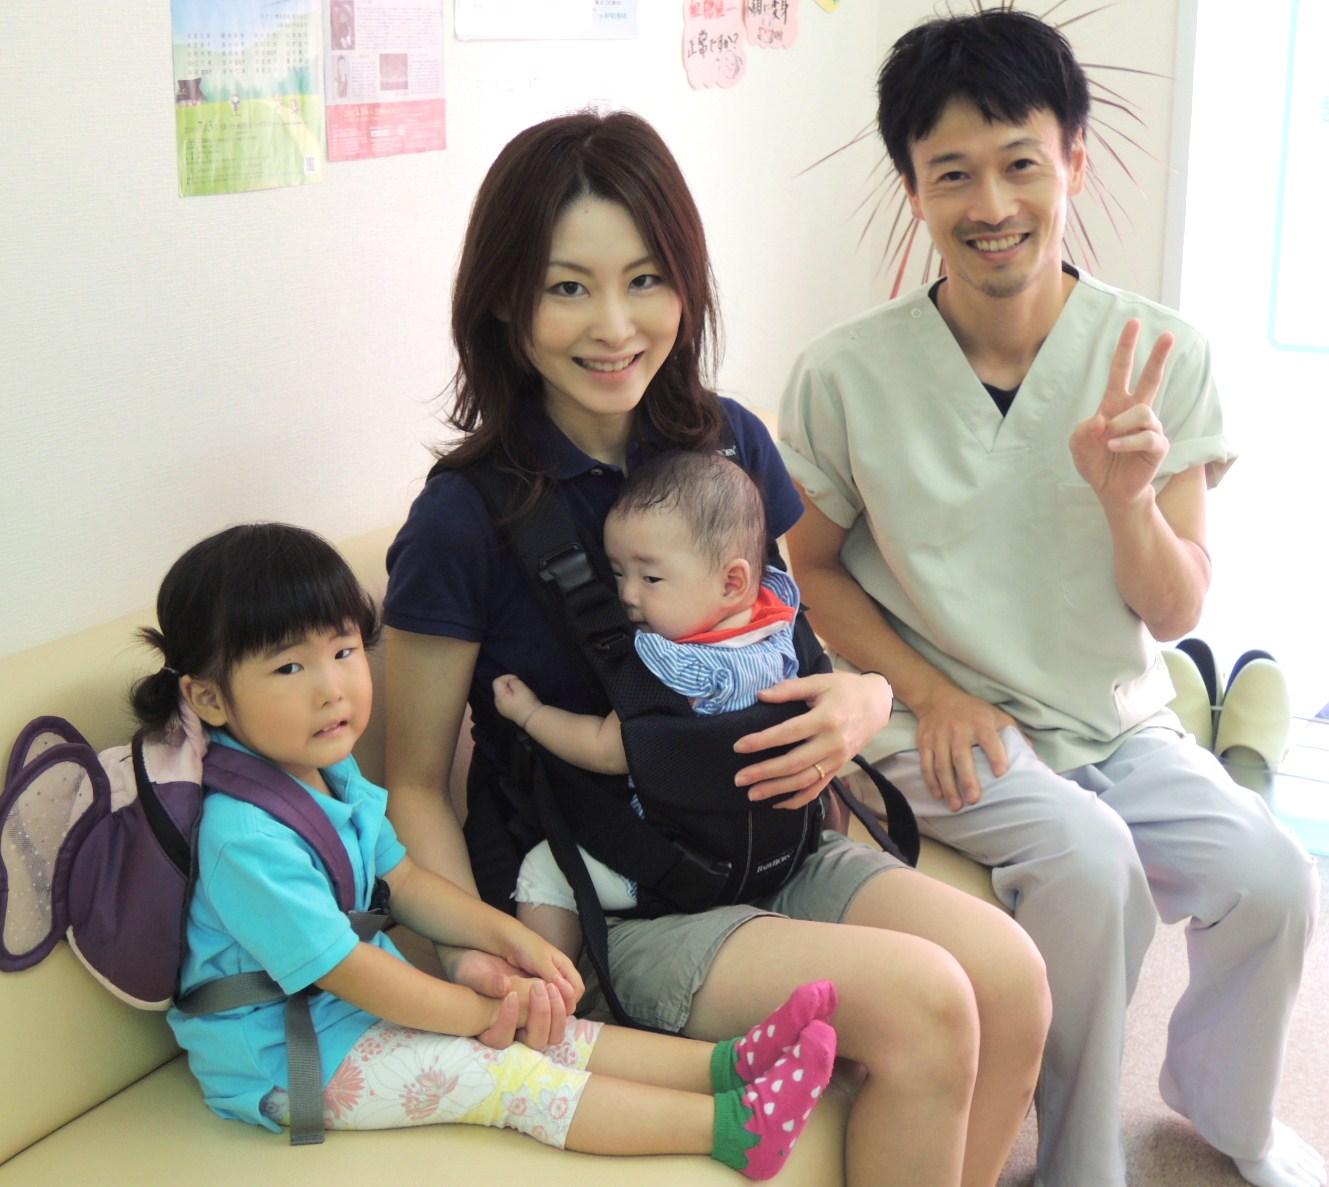 産後の骨盤矯正 Yさま 神戸市灘区 (3).jpg